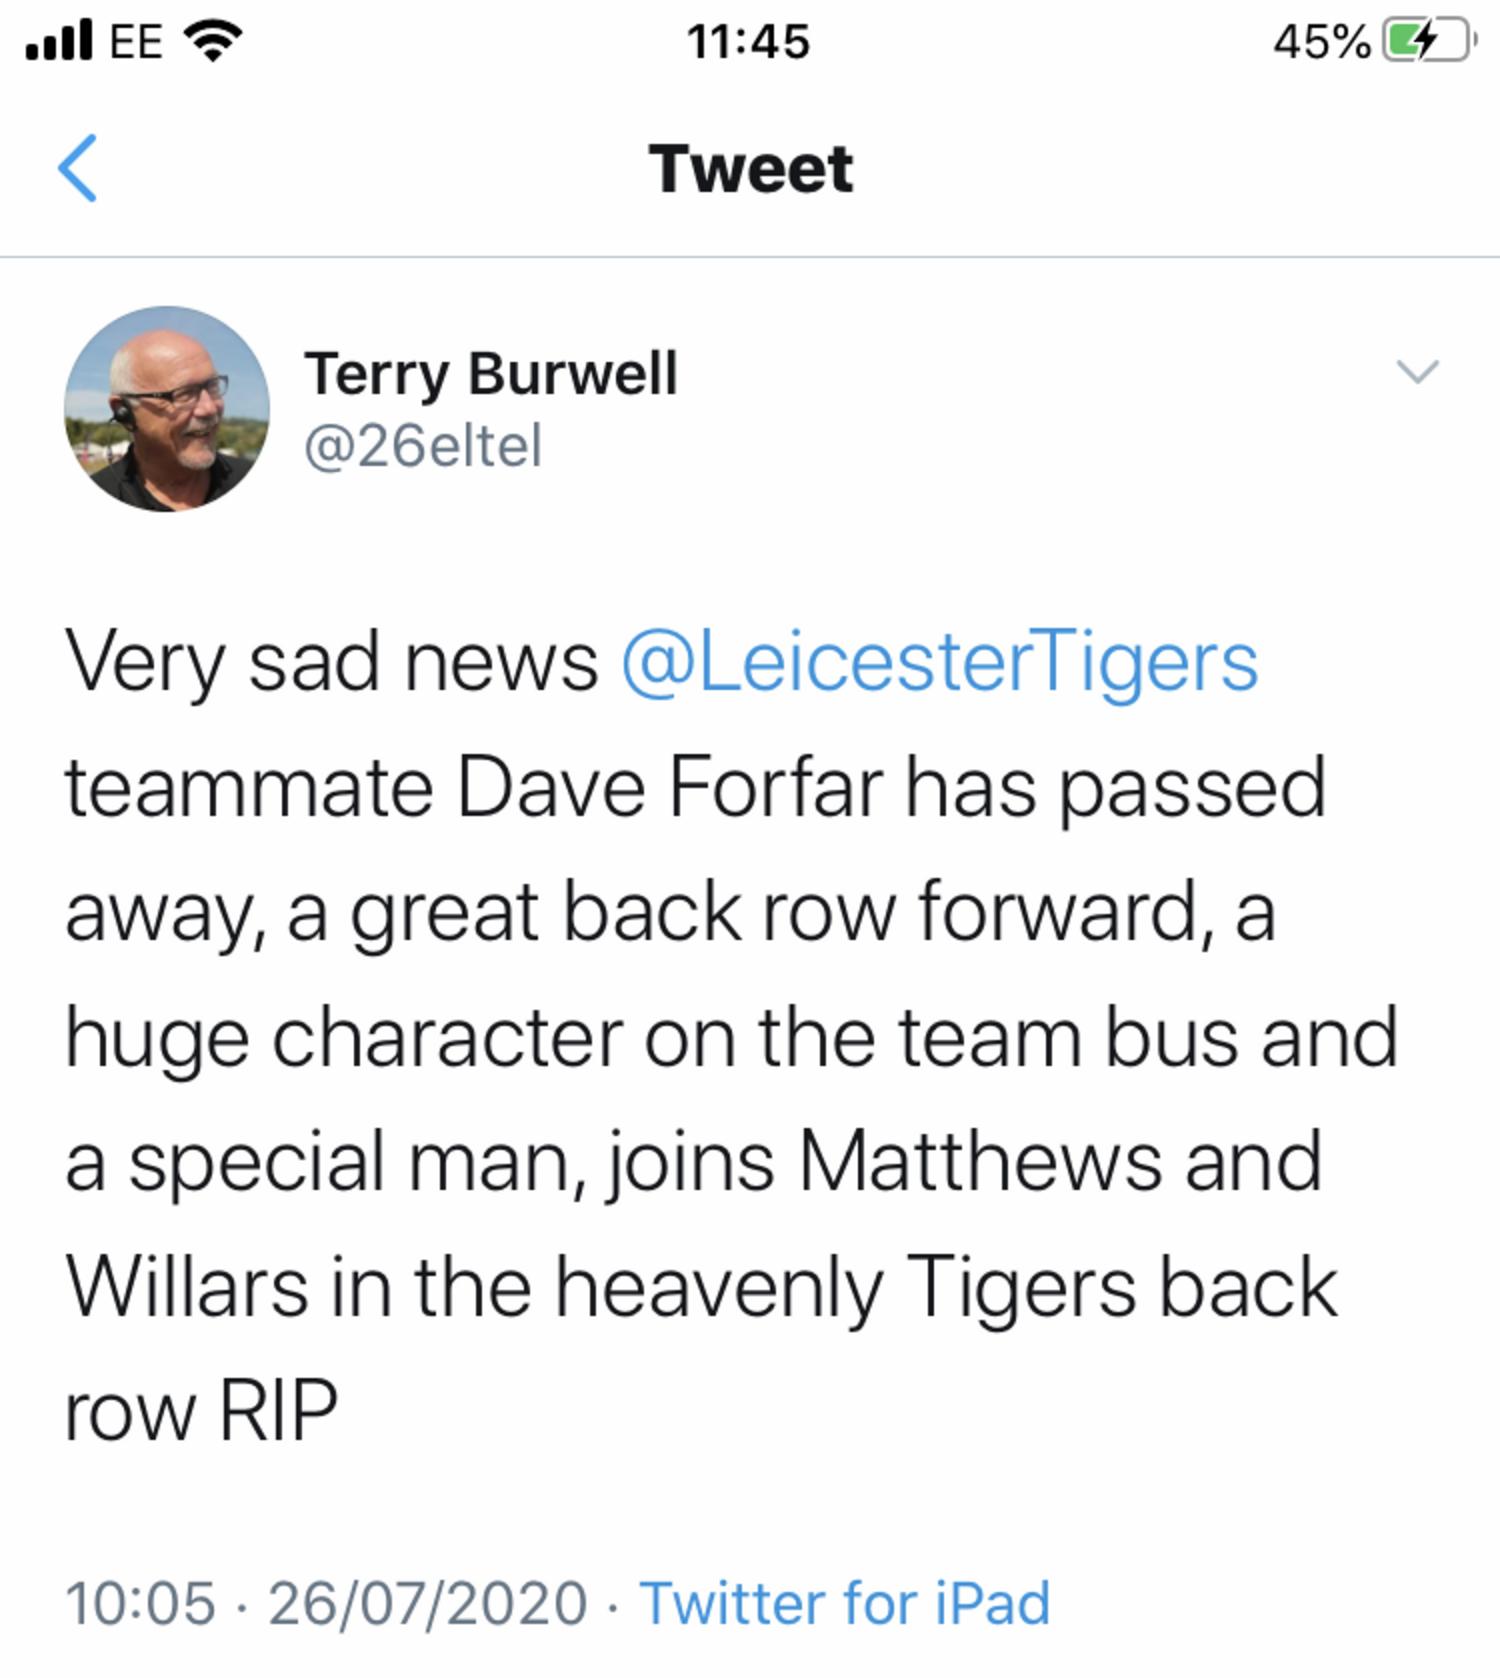 Dave Forfar